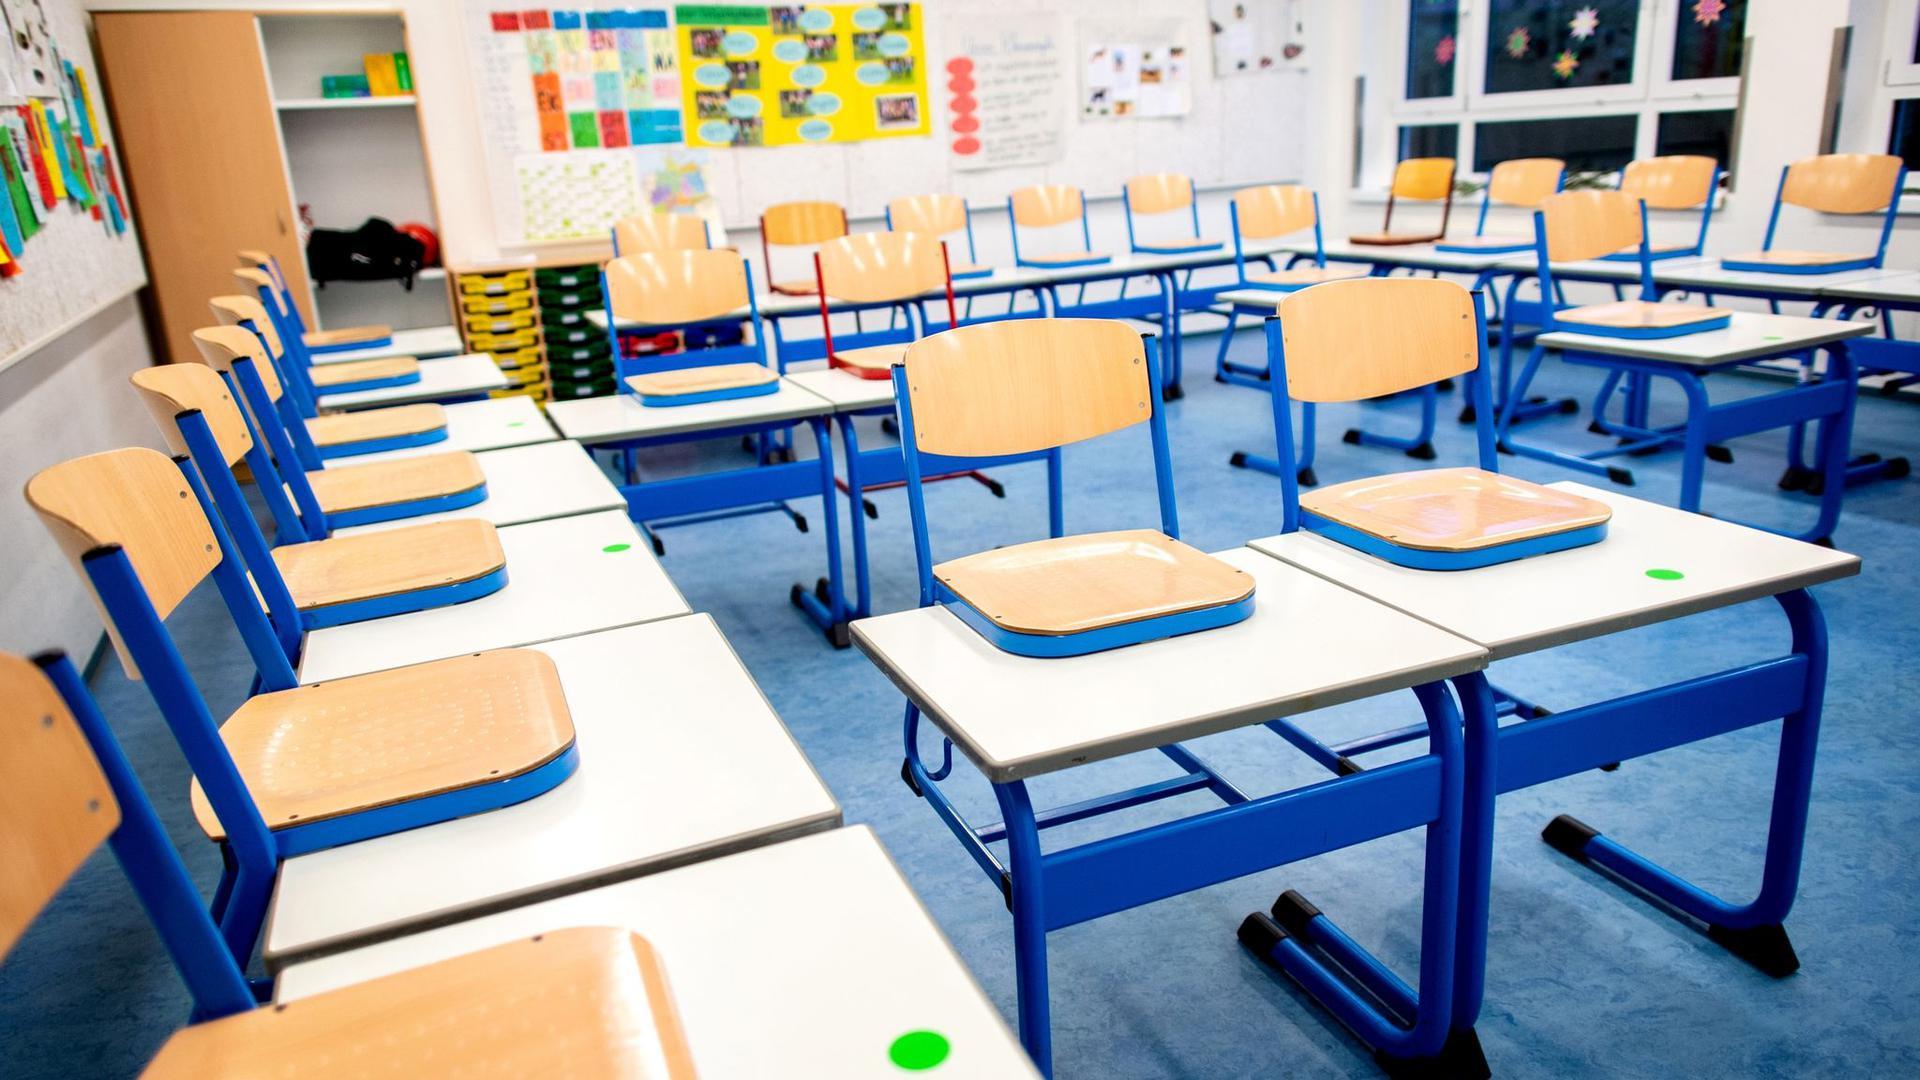 Während der Corona-Pandemie bleiben die Schulen dicht - für lernschwache Schüler ein großes Problem.